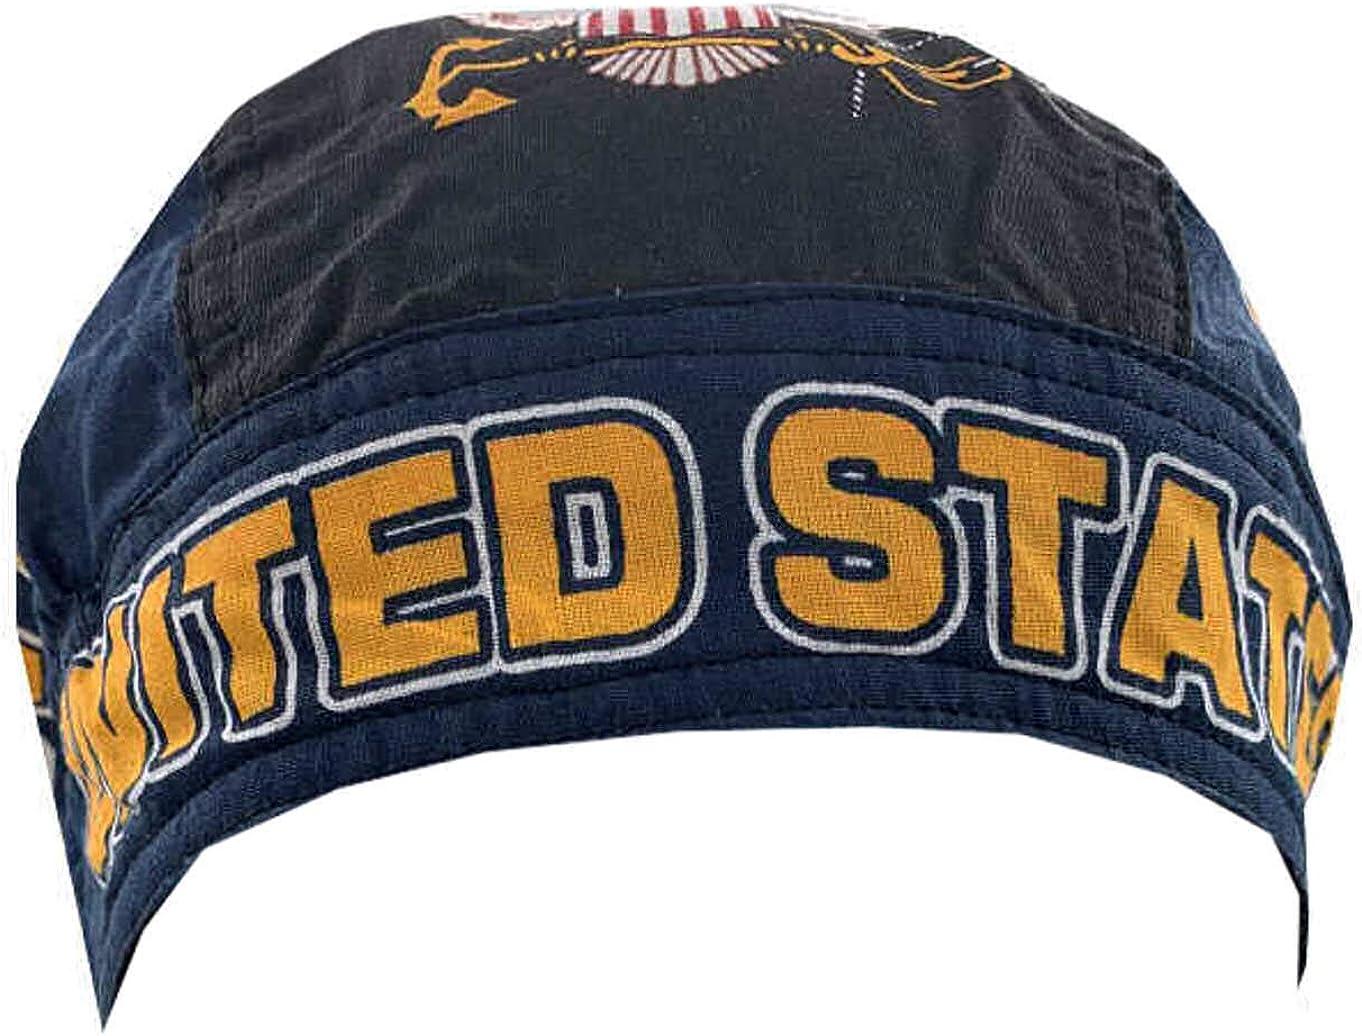 Sparkling Earth Danbanna Deluxe Skull Cap Biker caps Headwraps doo Rags US Navy Combat Stars